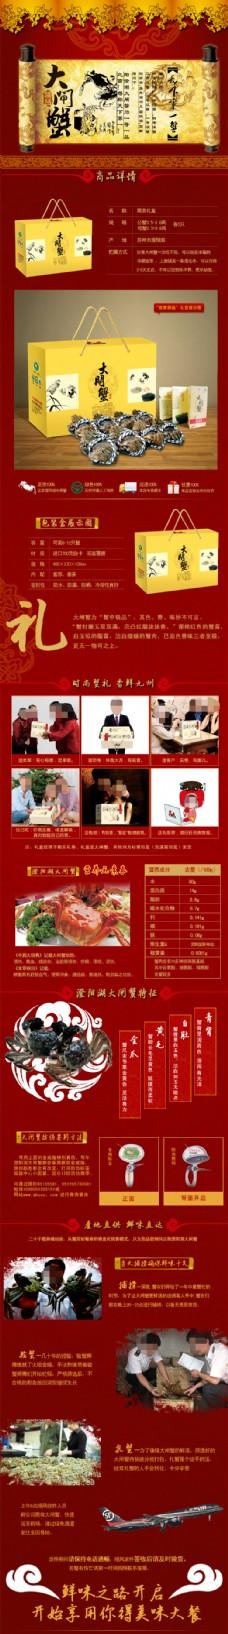 螃蟹礼盒促销海报